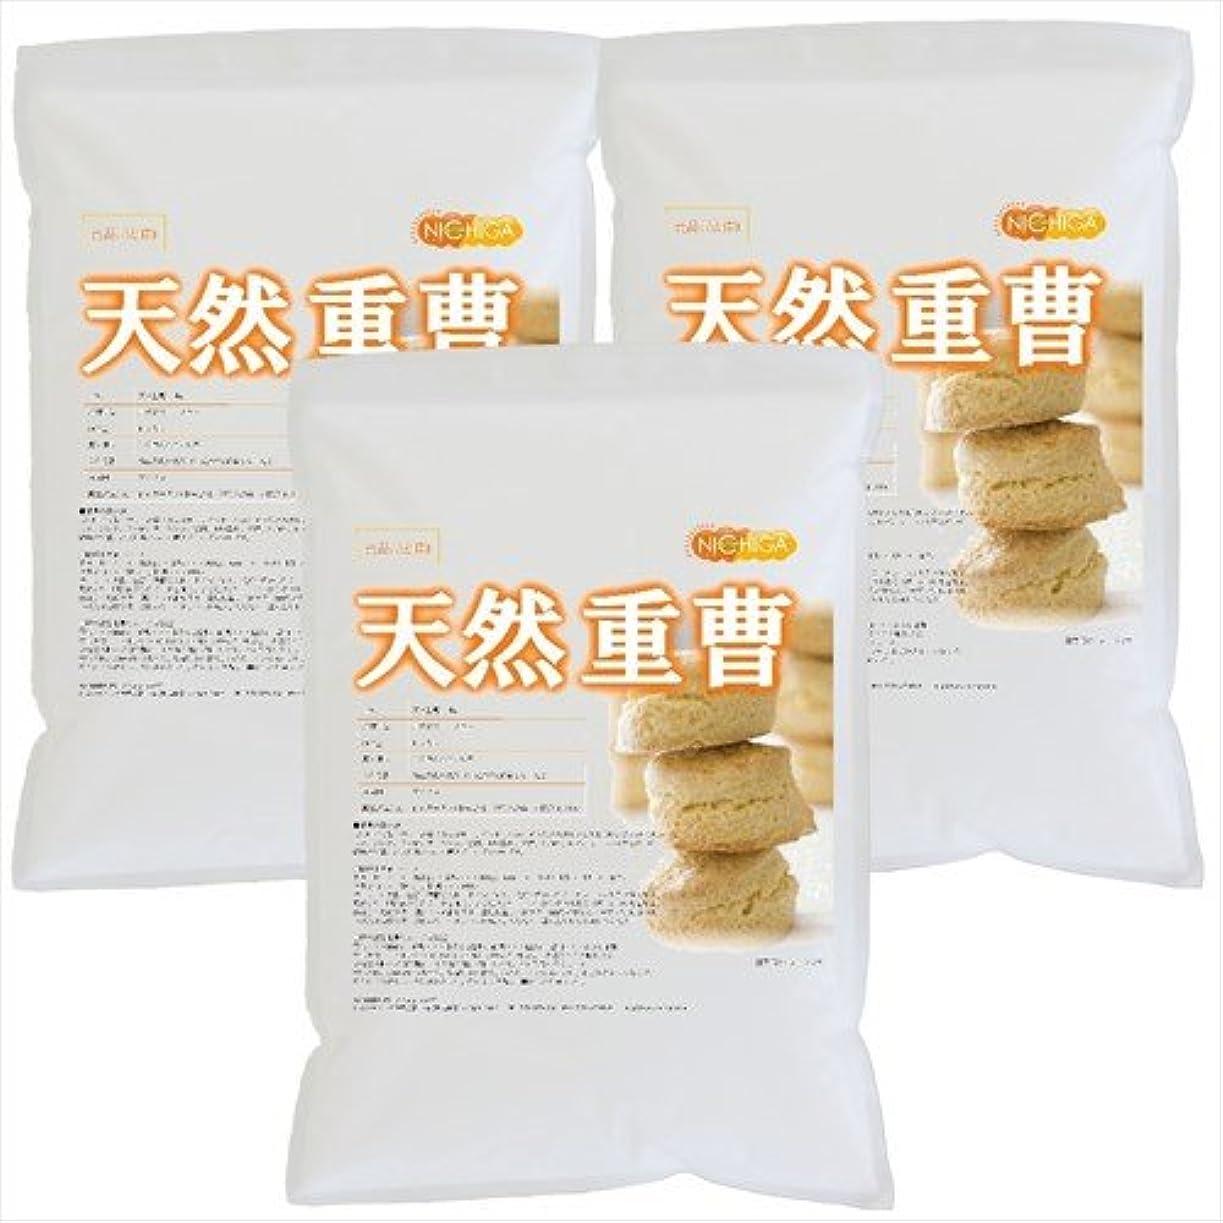 柱気取らない姪天然 重曹 5kg×3袋 [02] 炭酸水素ナトリウム 食品添加物(食品用)NICHIGA(ニチガ)